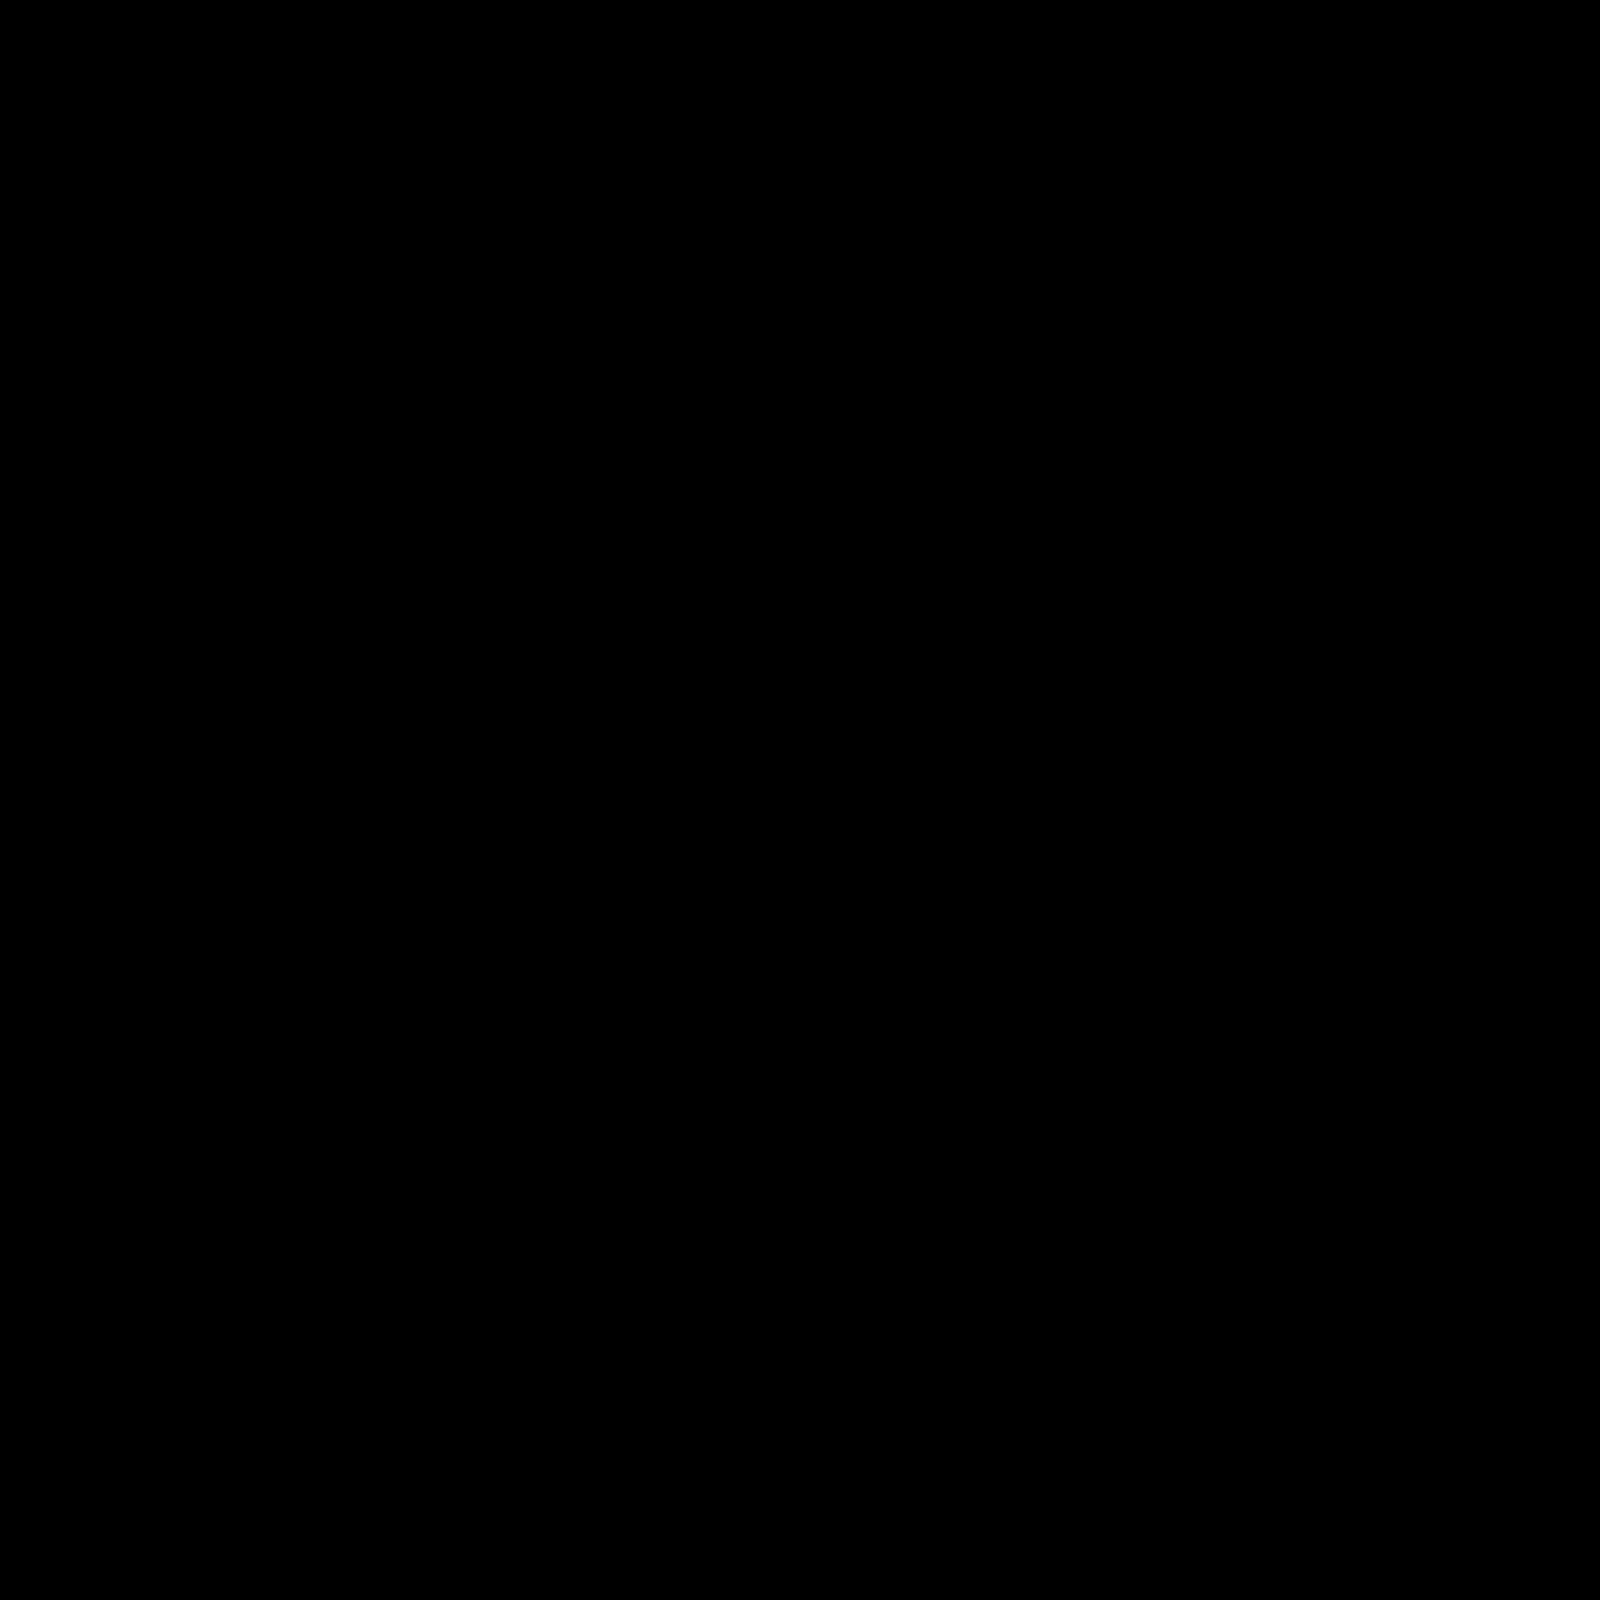 Wykres Gantta icon